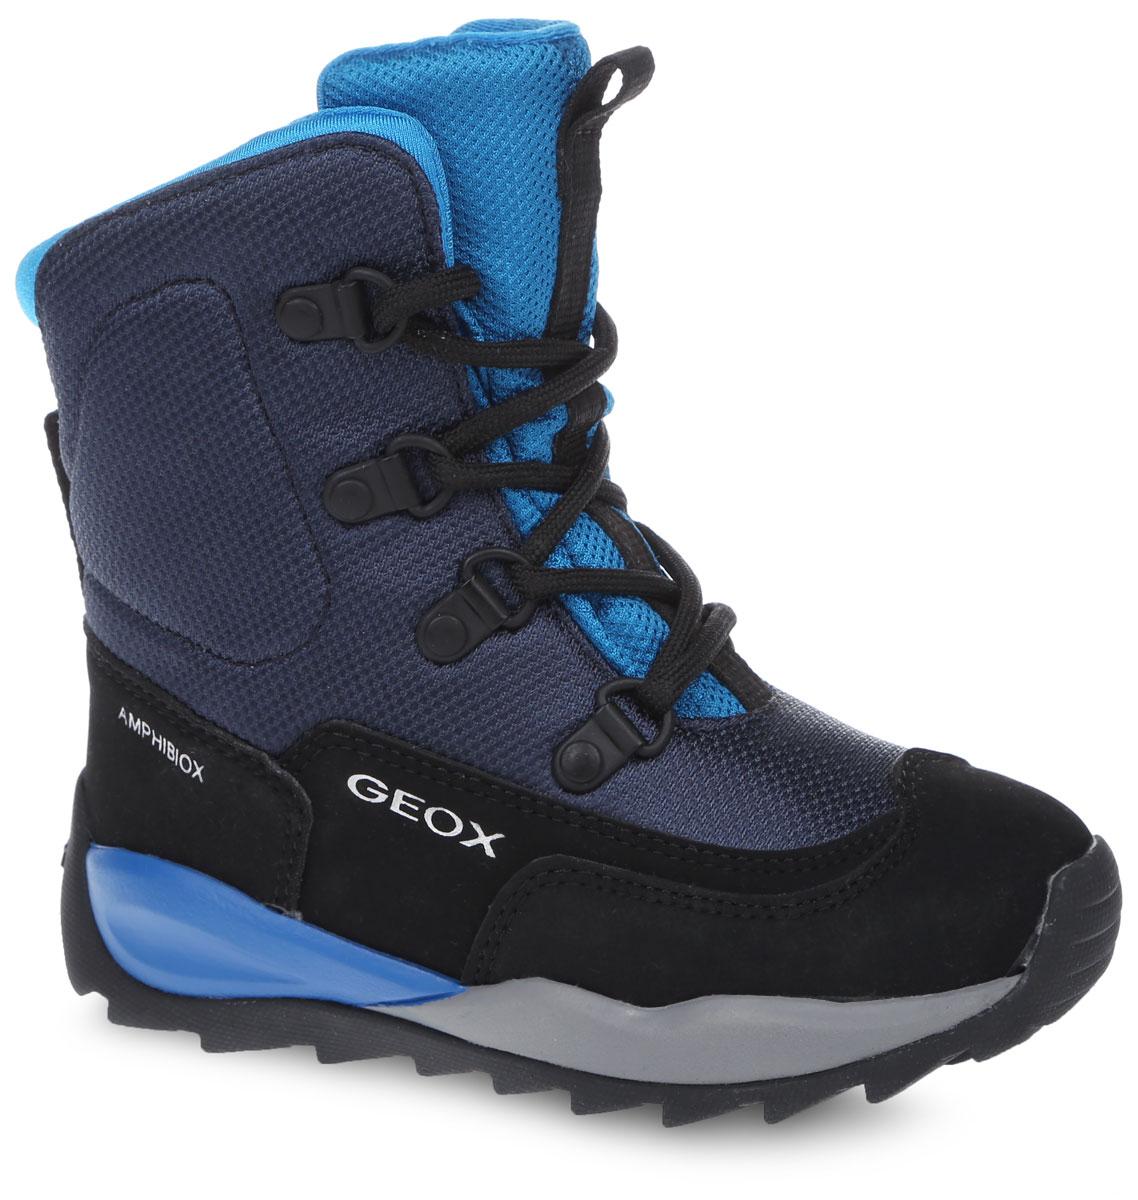 J640BE-01150-C4247Теплые ботинки Geox выполнены из высококачественного плотного текстиля и искусственной кожи. Модель оформлена прострочкой и фирменными надписями. На ноге модель фиксируется с помощью шнурков. Верхняя часть внутренней поверхности выполнена из мягкого текстиля. Подкладка из искусственного меха обеспечит тепло. Стелька выполнена из мягкого ЭВА-материала с поверхностью из искусственного меха. Подошва выполнена из прочной резины и дополнена протектором, который гарантирует отличное сцепление с любой поверхностью.